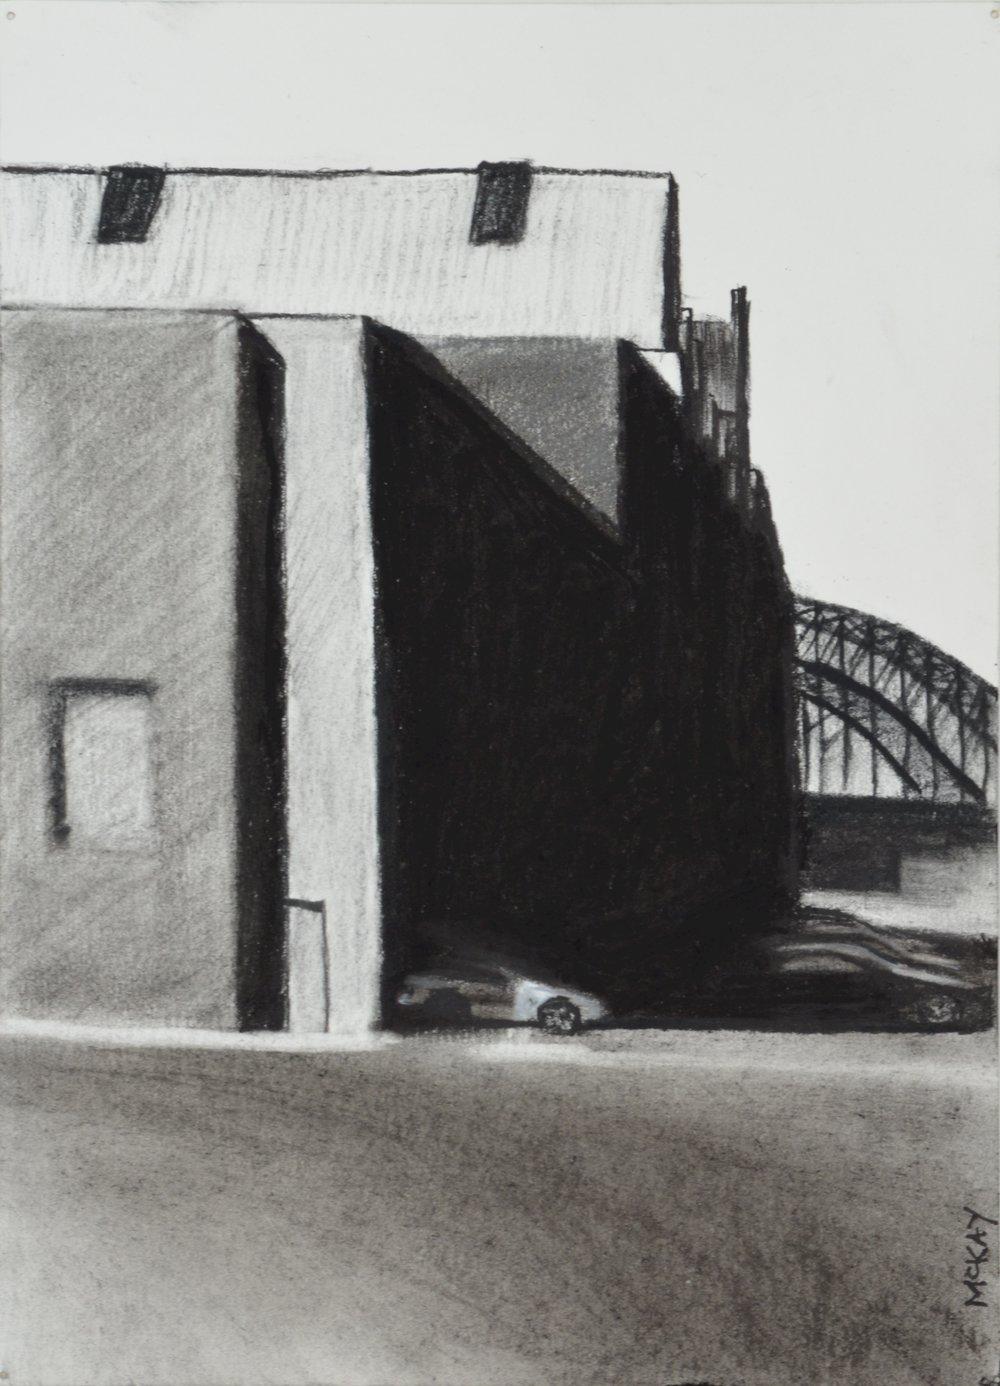 Robert Street 2 (Cars)